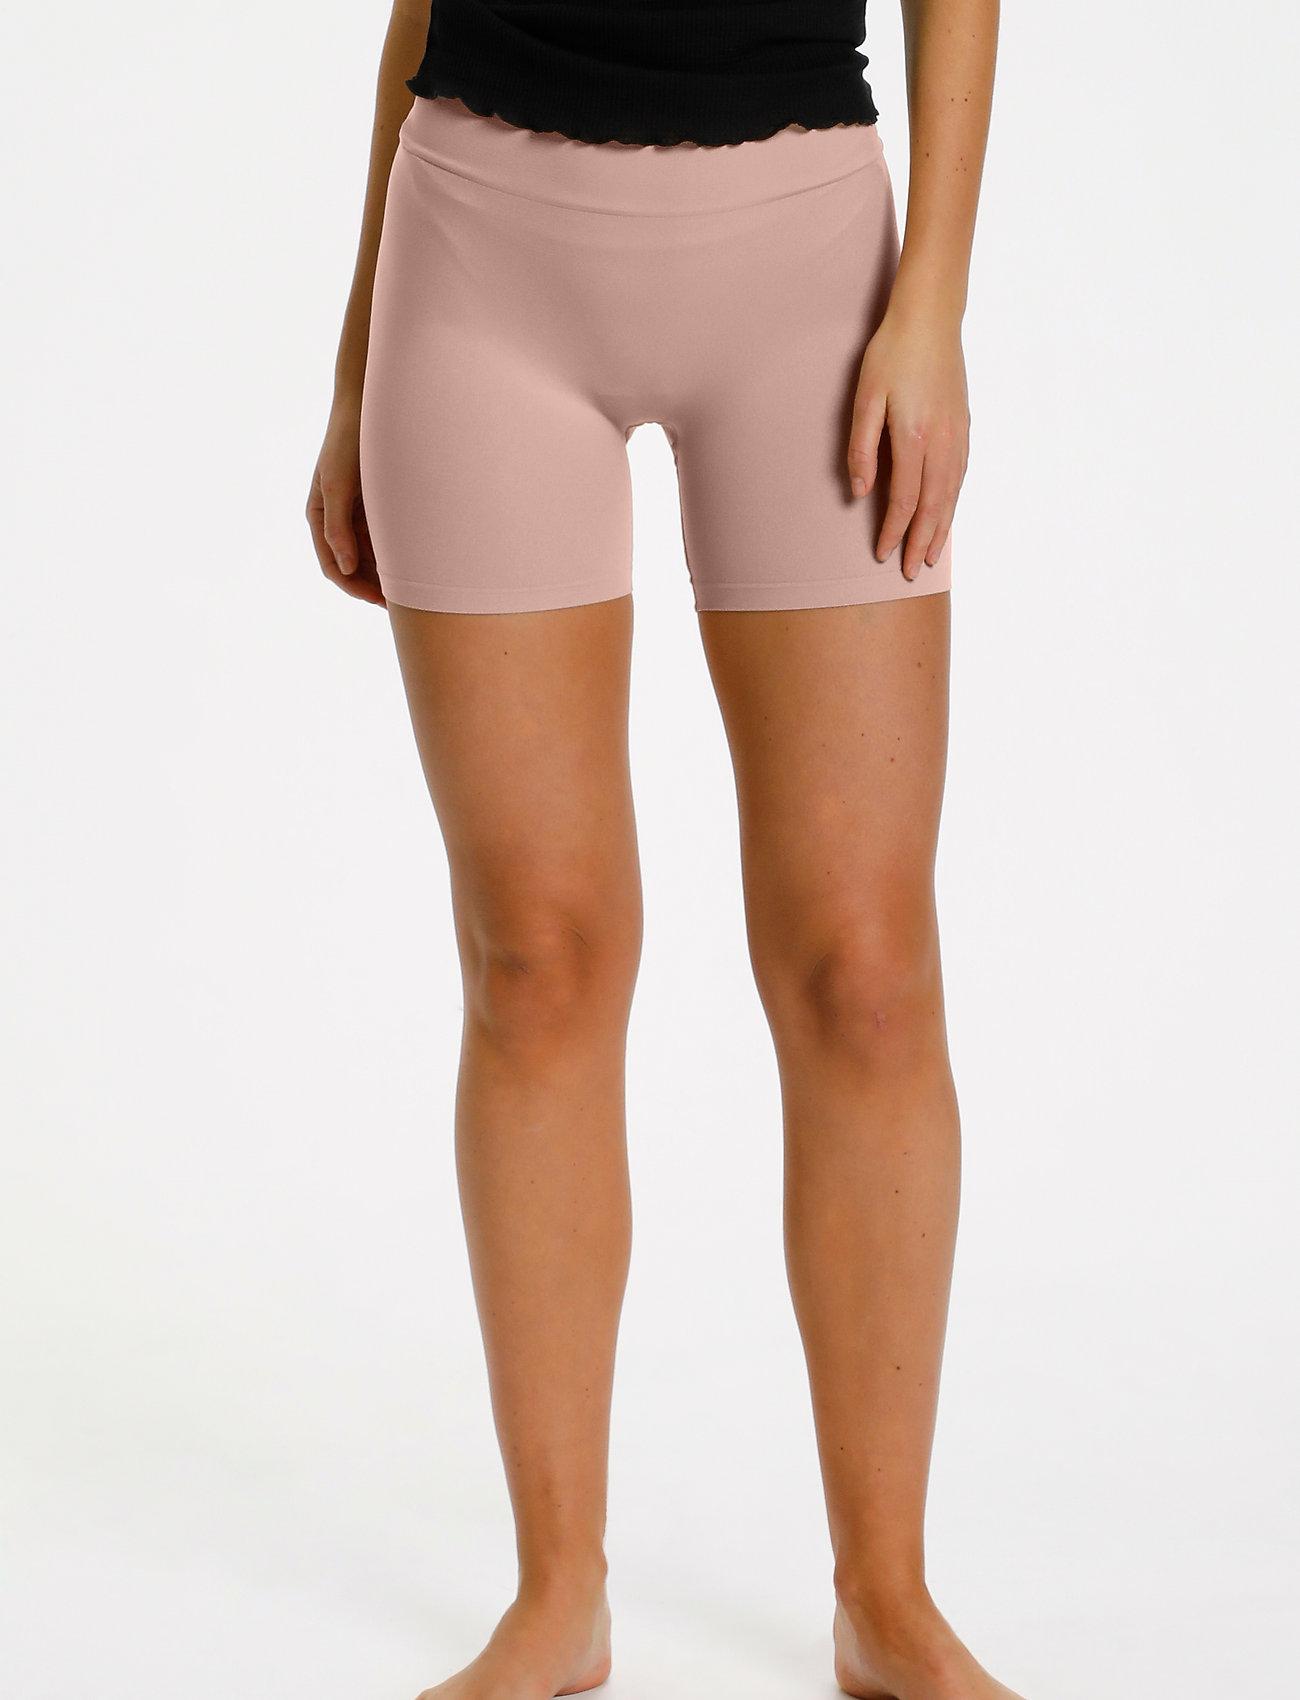 Saint Tropez - T5920, NinnaSZ Microfiber Shorts - cykelshorts - nude - 0